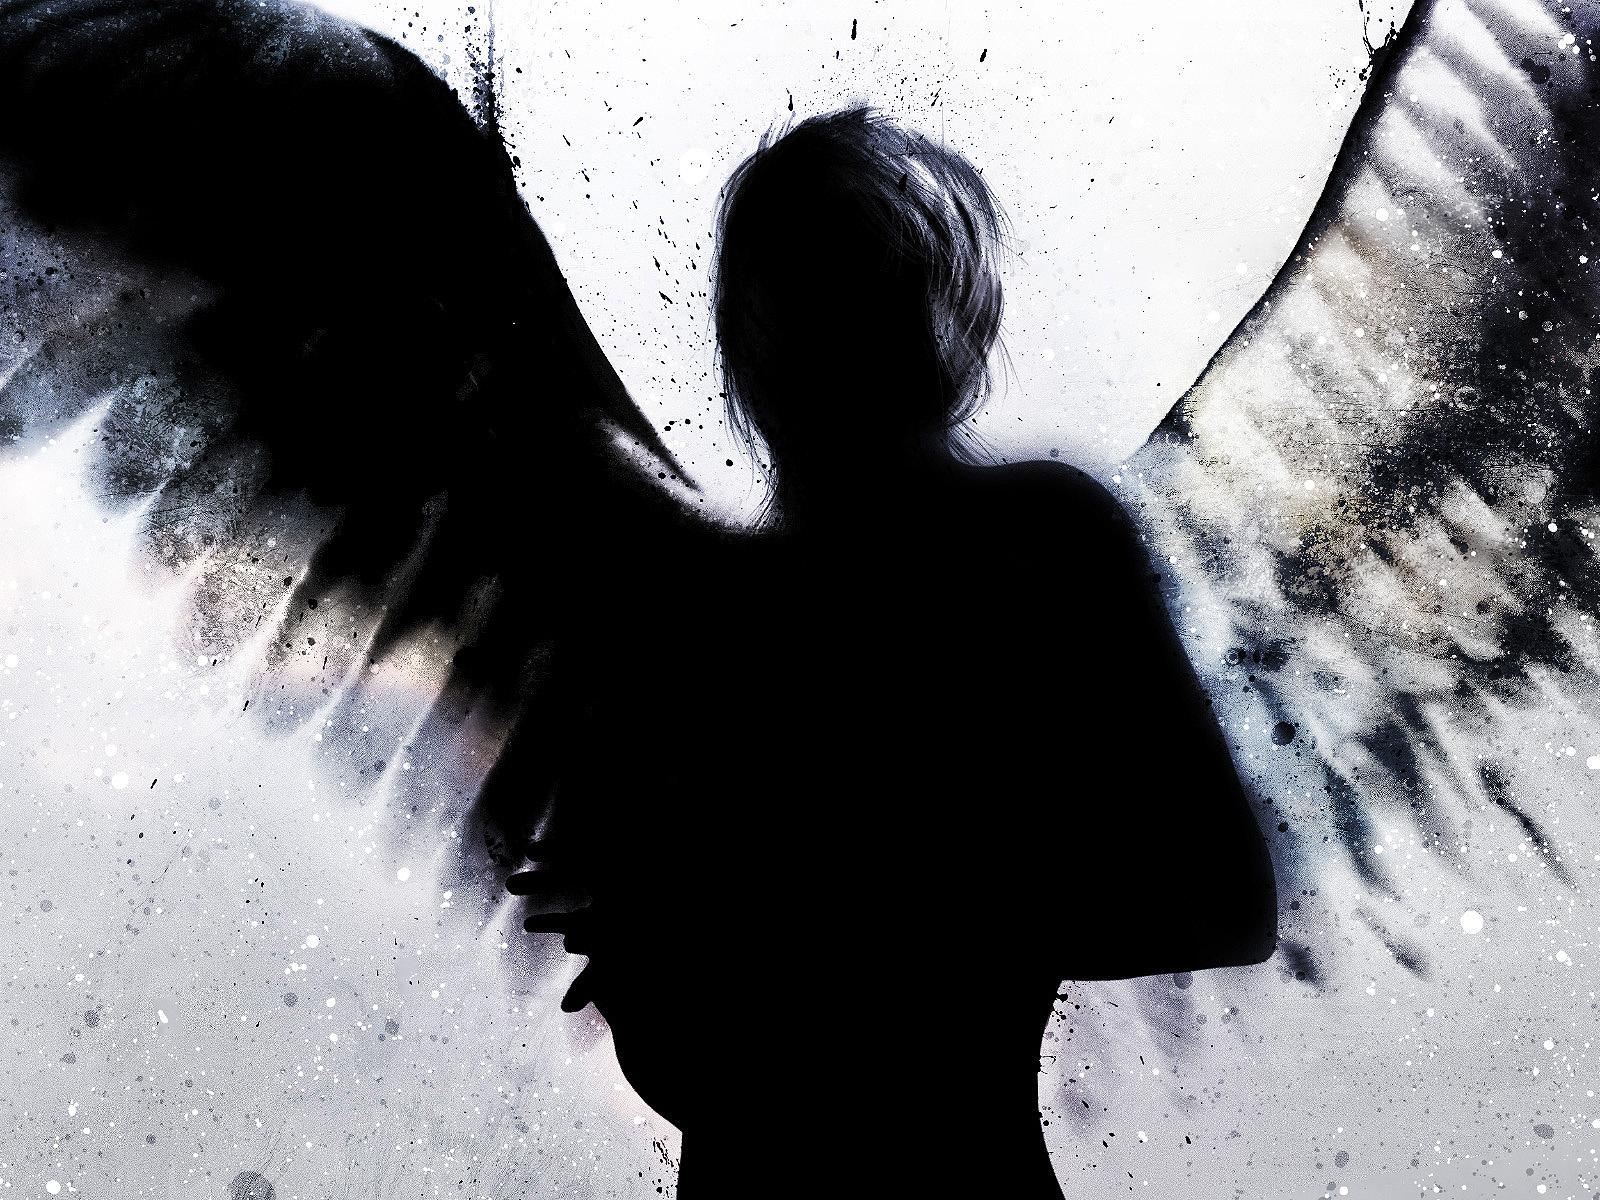 best dark angels desktop backgrounds wallpapers hd download to 1600x1200